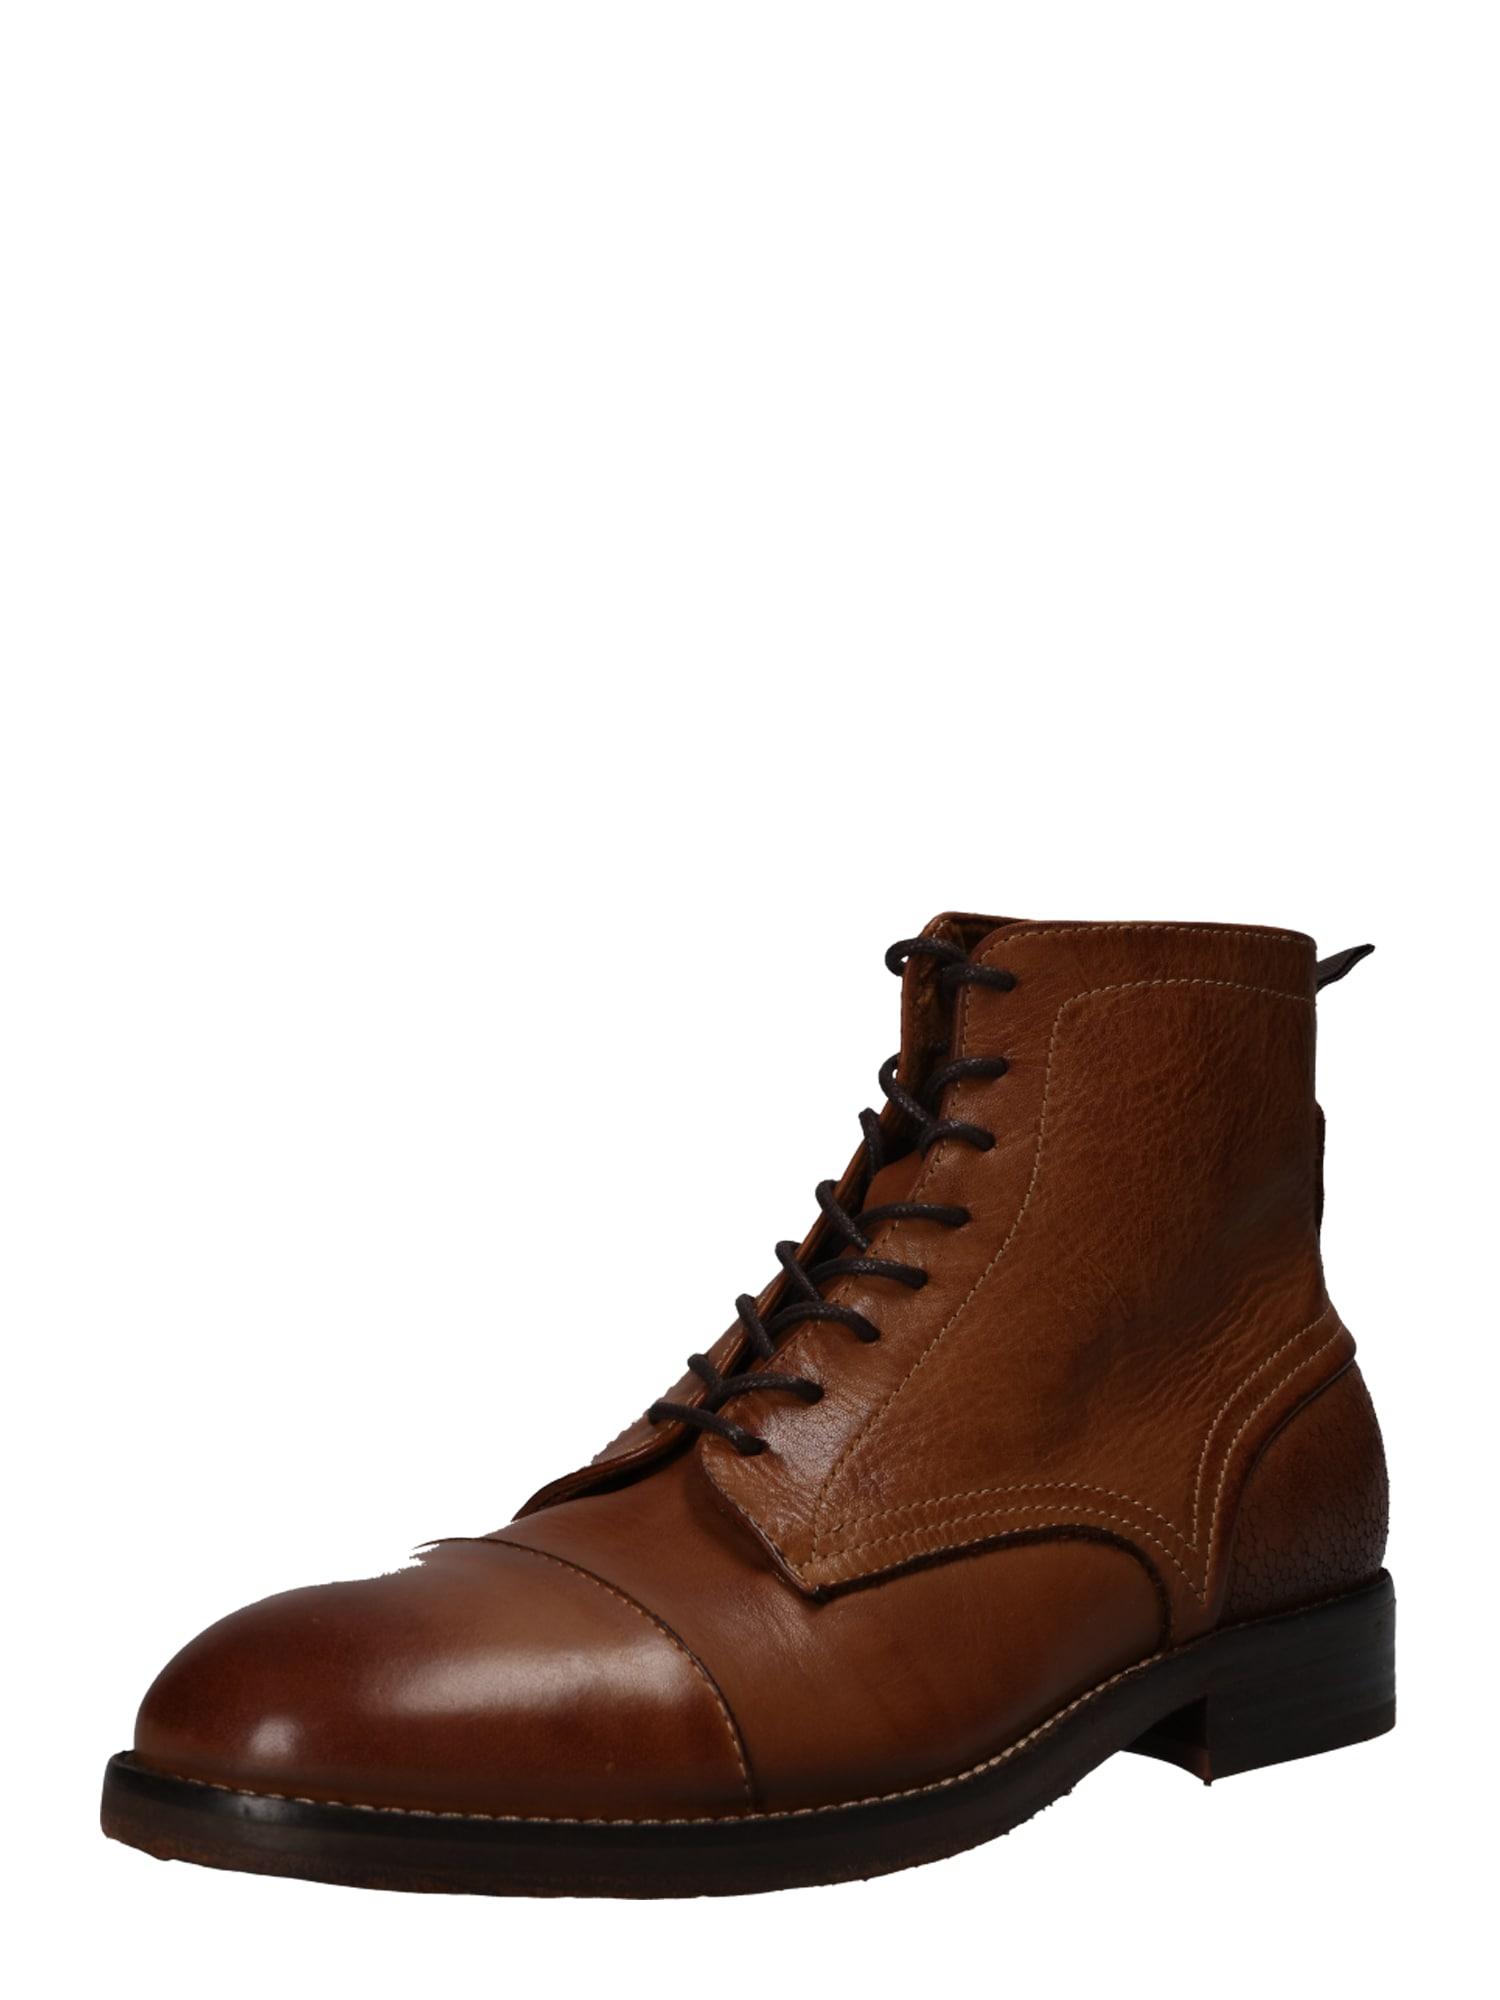 Šněrovací boty palmer drum dye karamelová Hudson London